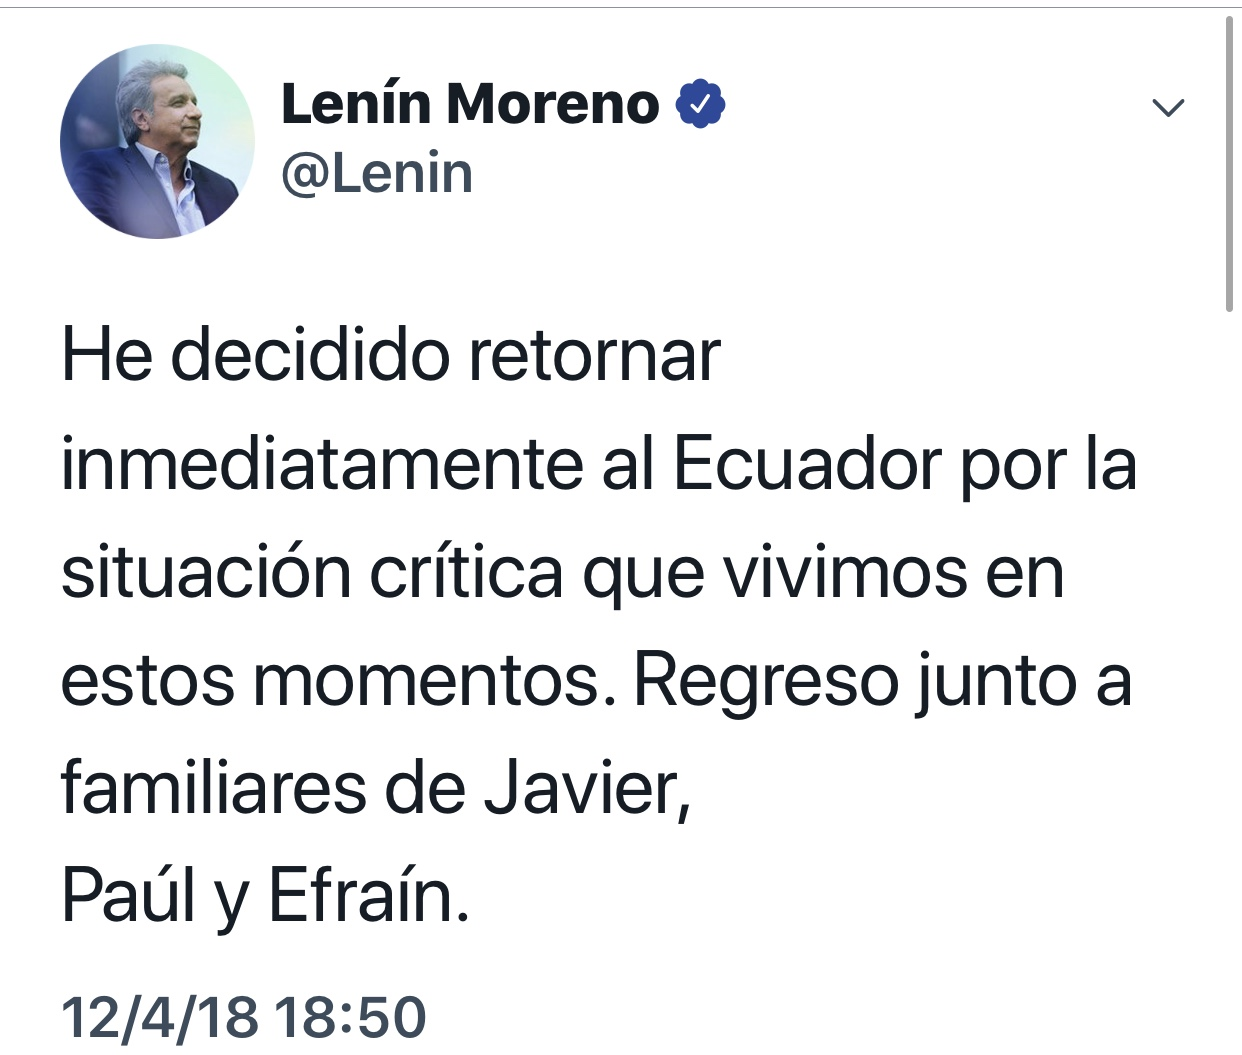 Confirma presidente de Ecuador el asesinato de tres periodistas